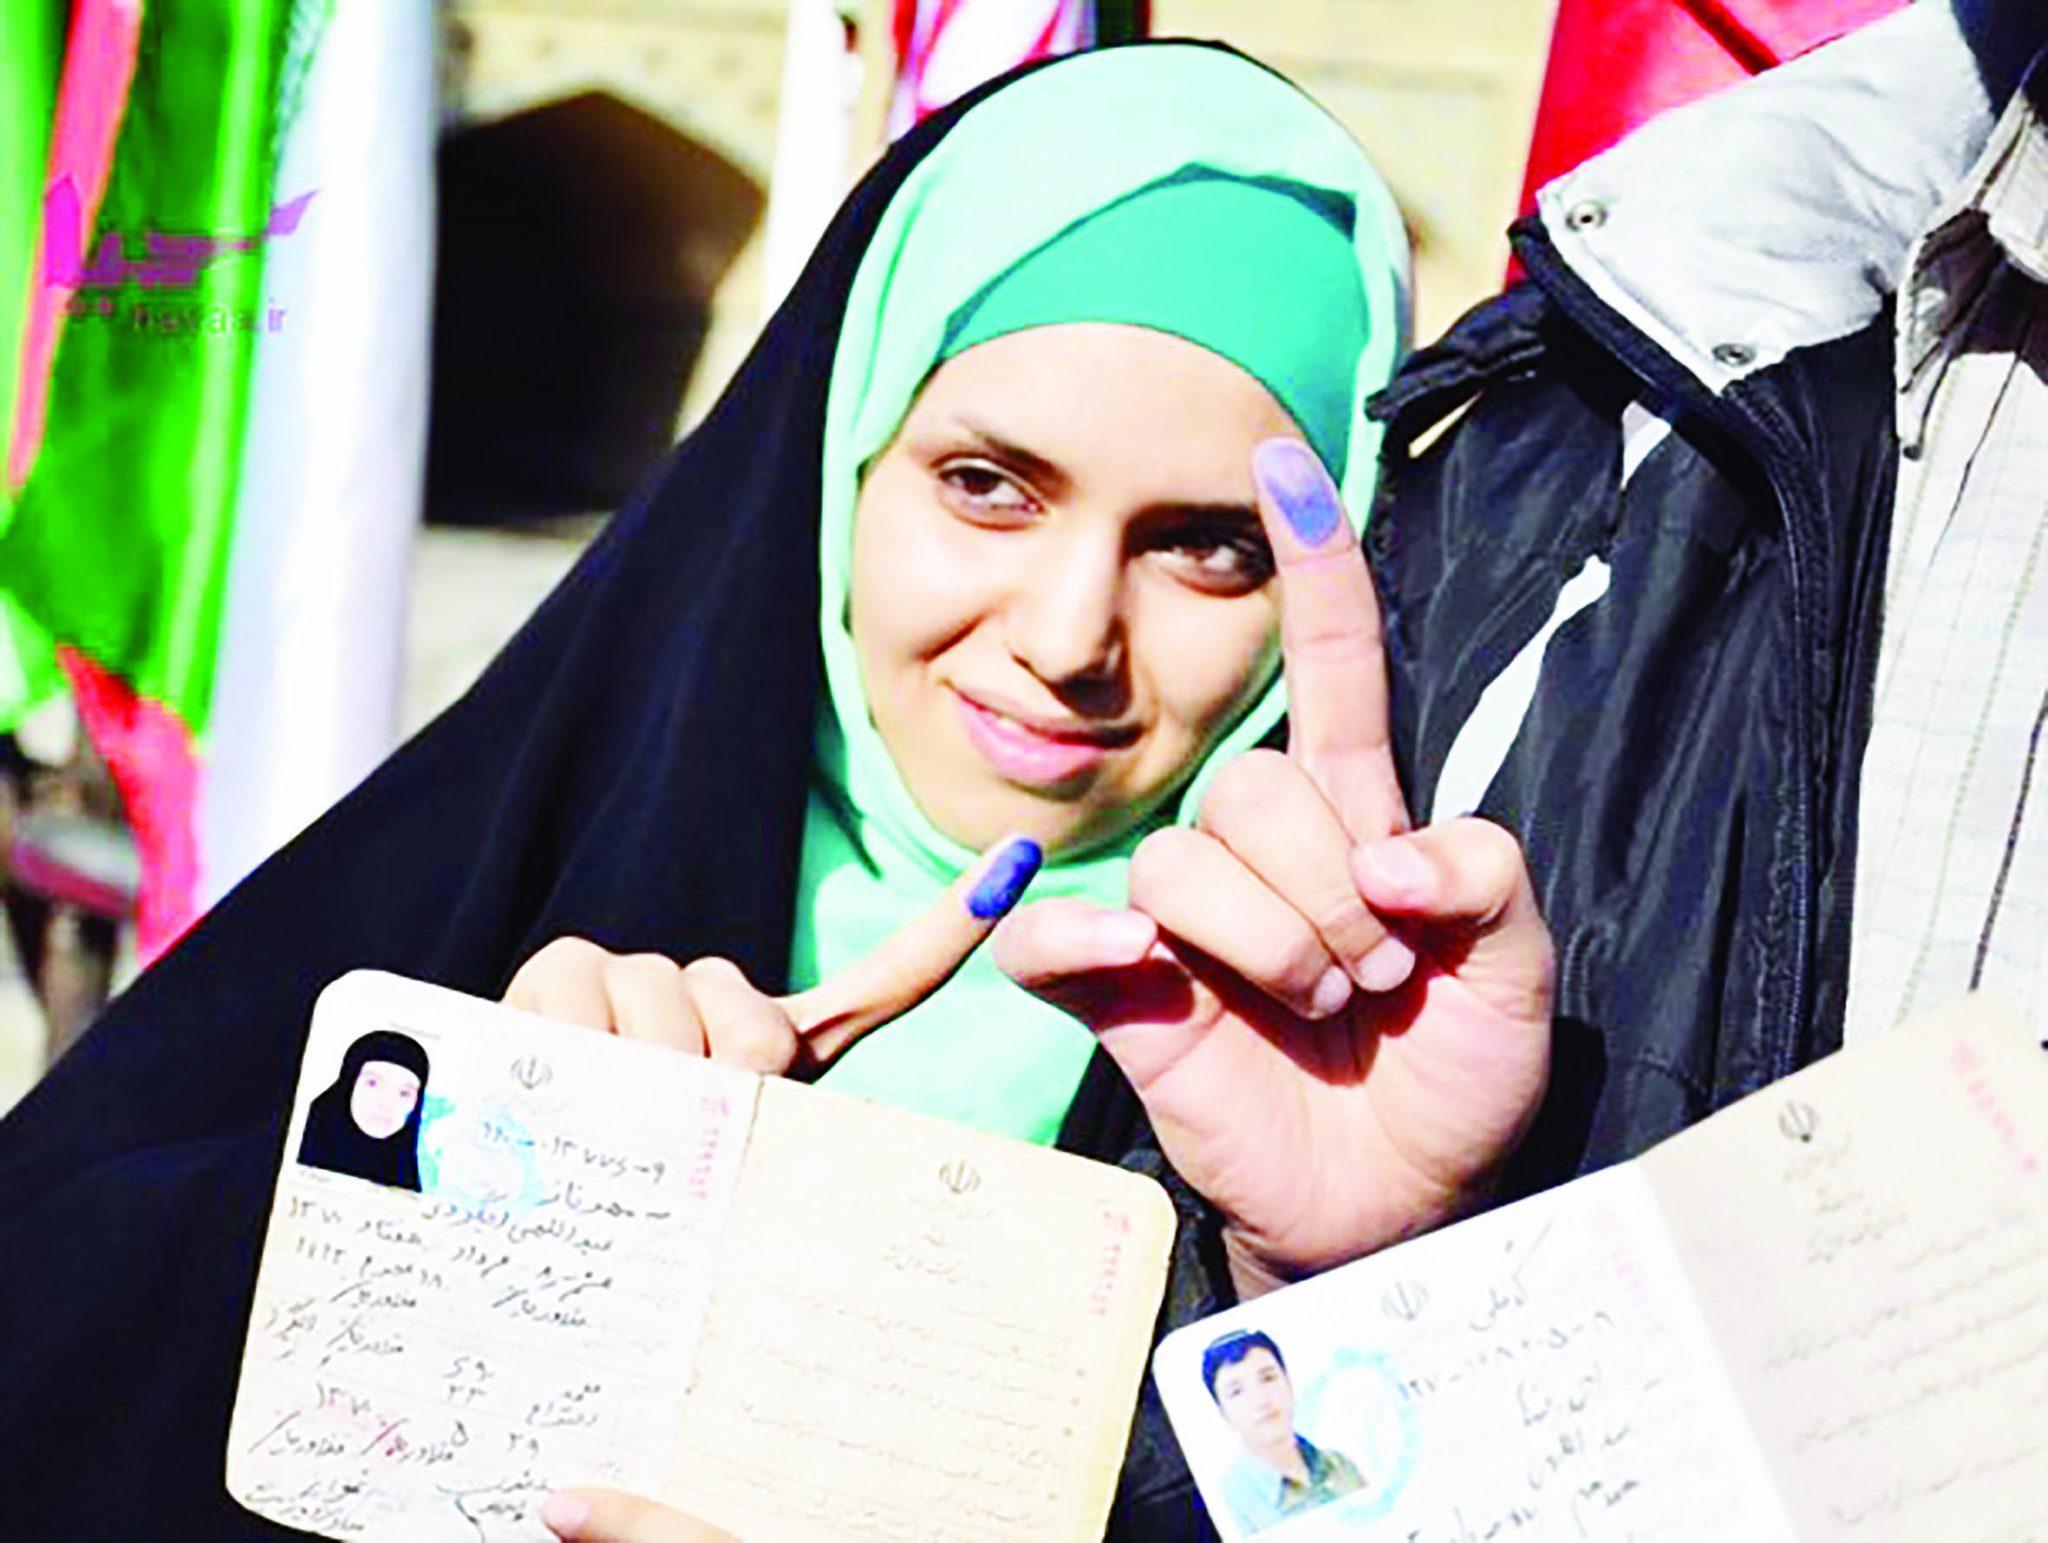 گم شدن مطالبات زنان  / گفت و گو با دکتر فریده روشن، فعال مدنی در اجتماع